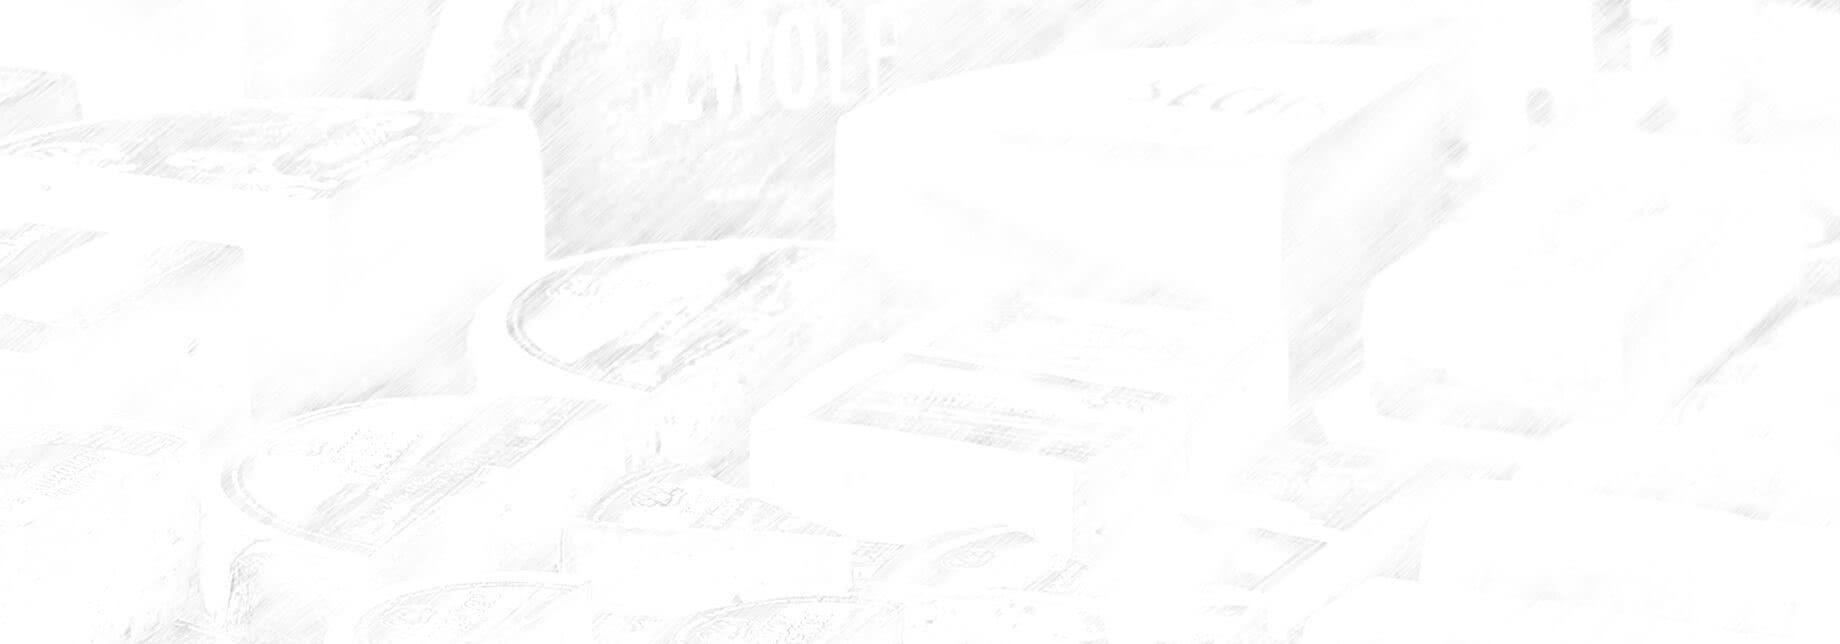 Biokaese Schraffur 0410 4000x1400